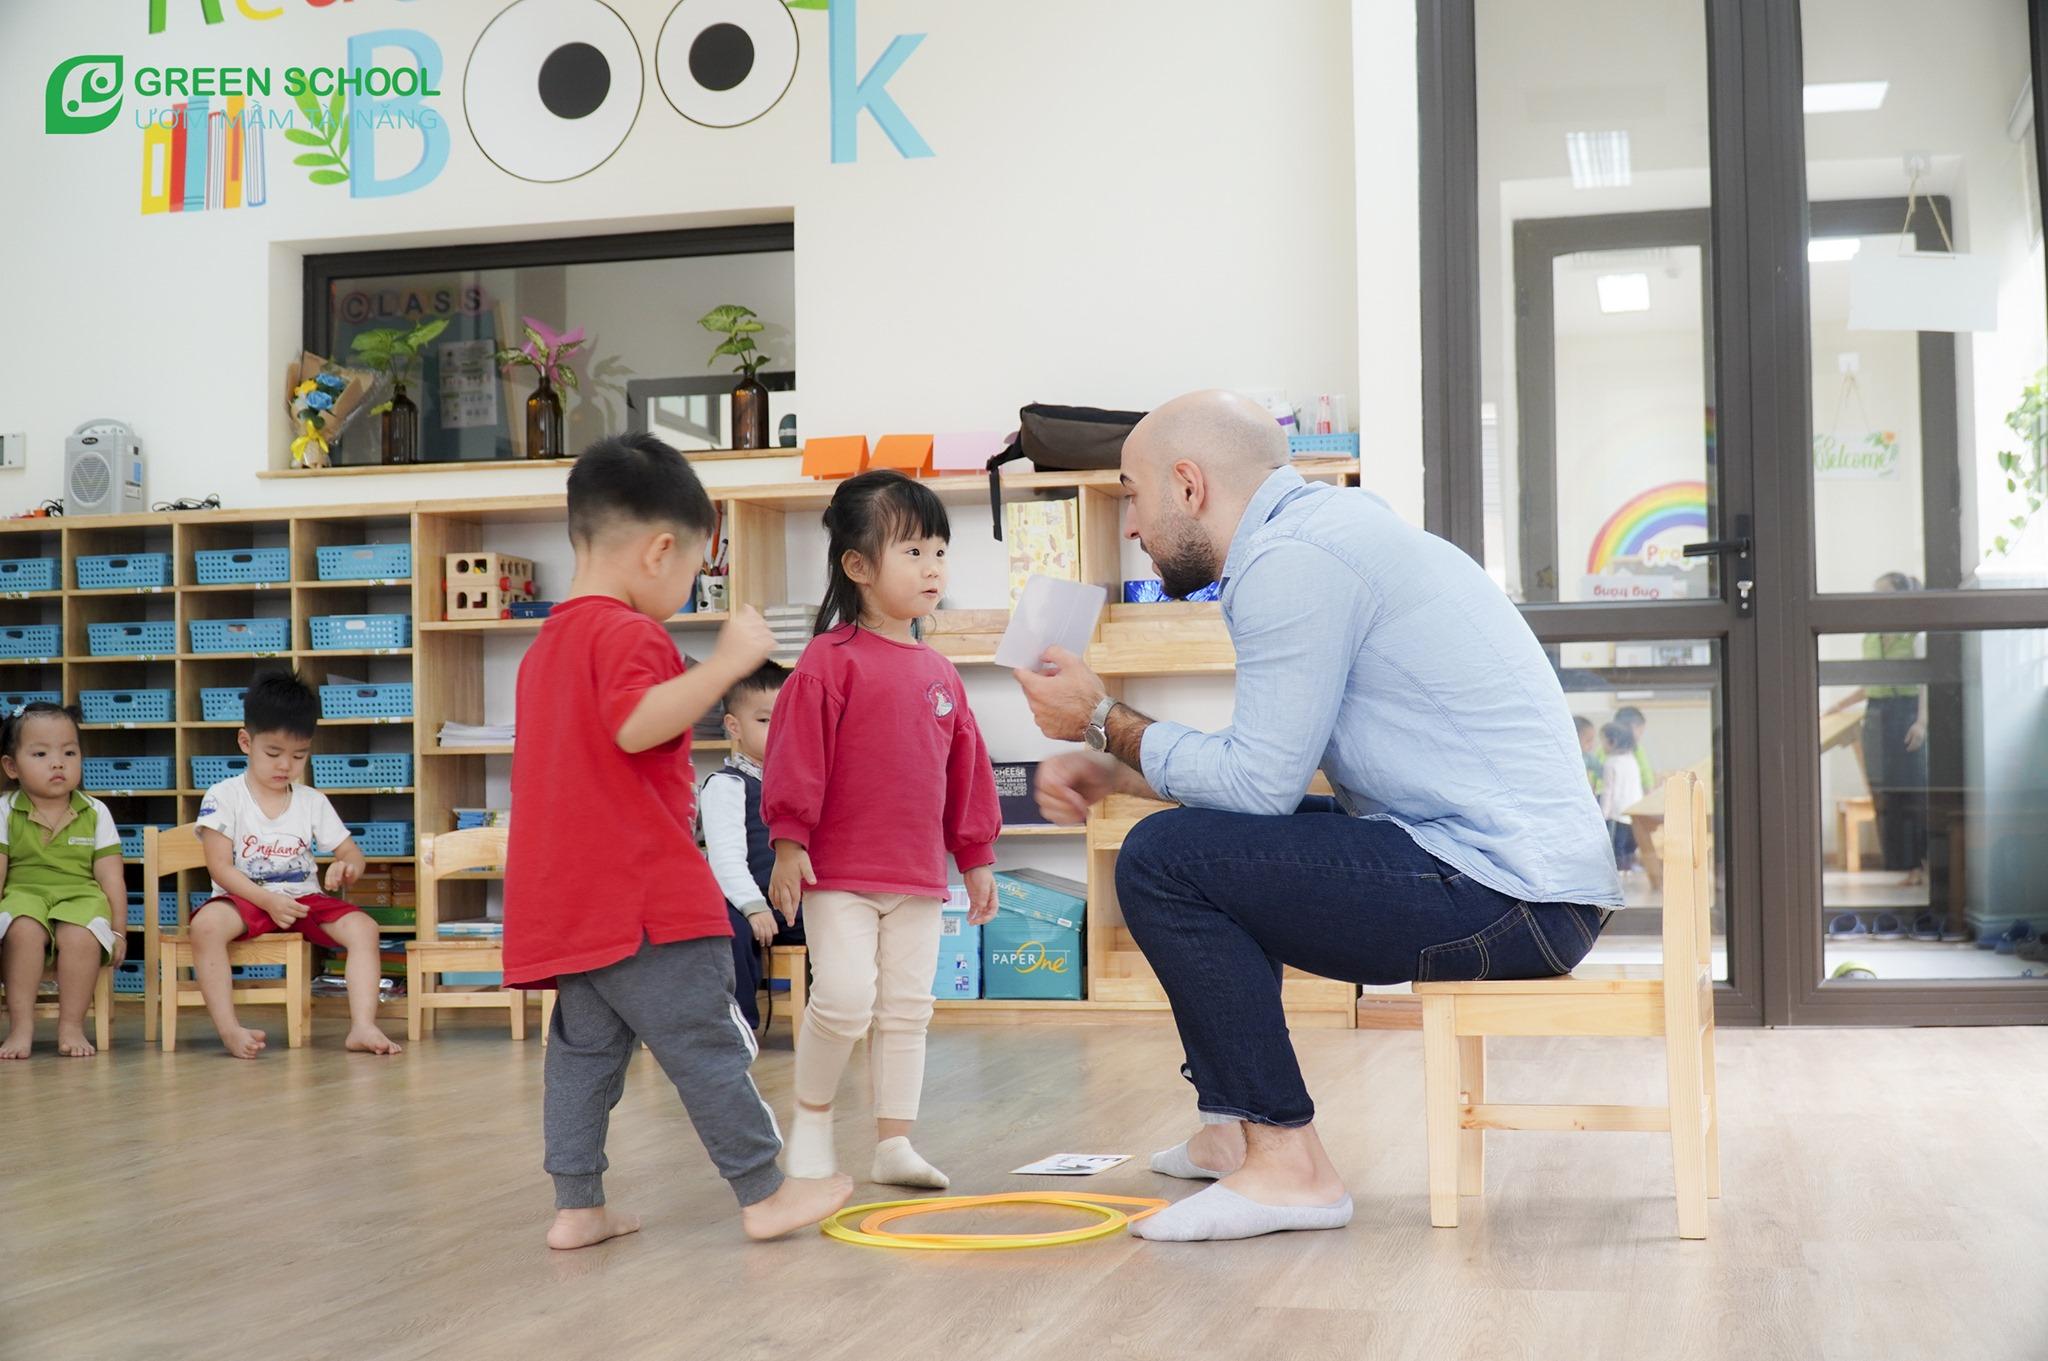 Green School Nam Đô Trường mầm non ở tại khu vực Trương Định có đầy đủ cơ sở vật chất và đội ngũ để hướng đến giáo dục toàn diện cho trẻ